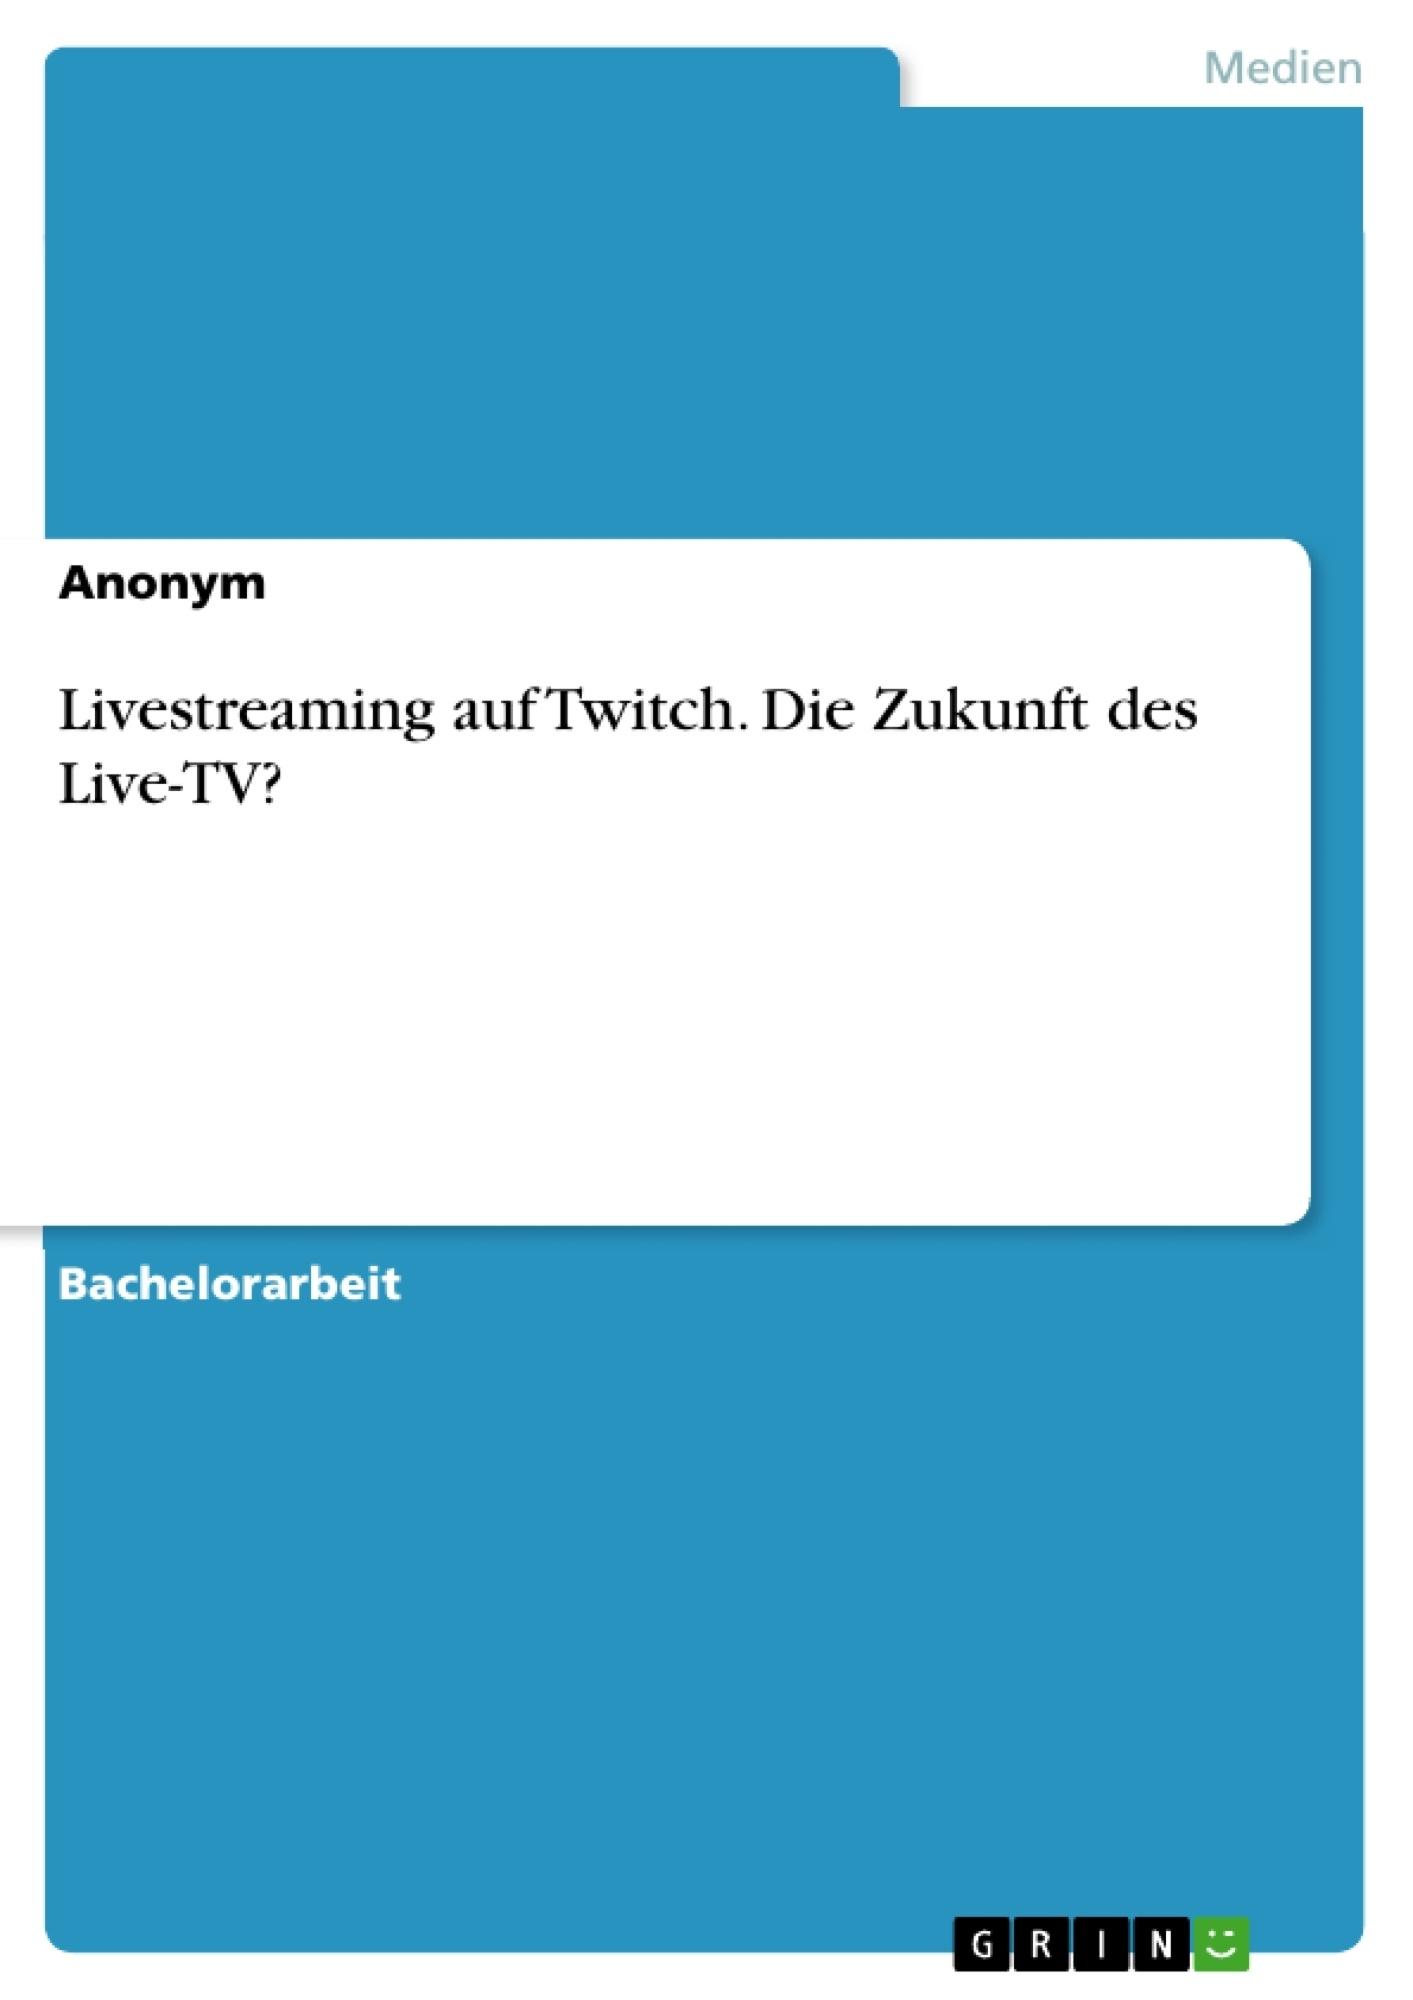 Titel: Livestreaming auf Twitch. Die Zukunft des Live-TV?